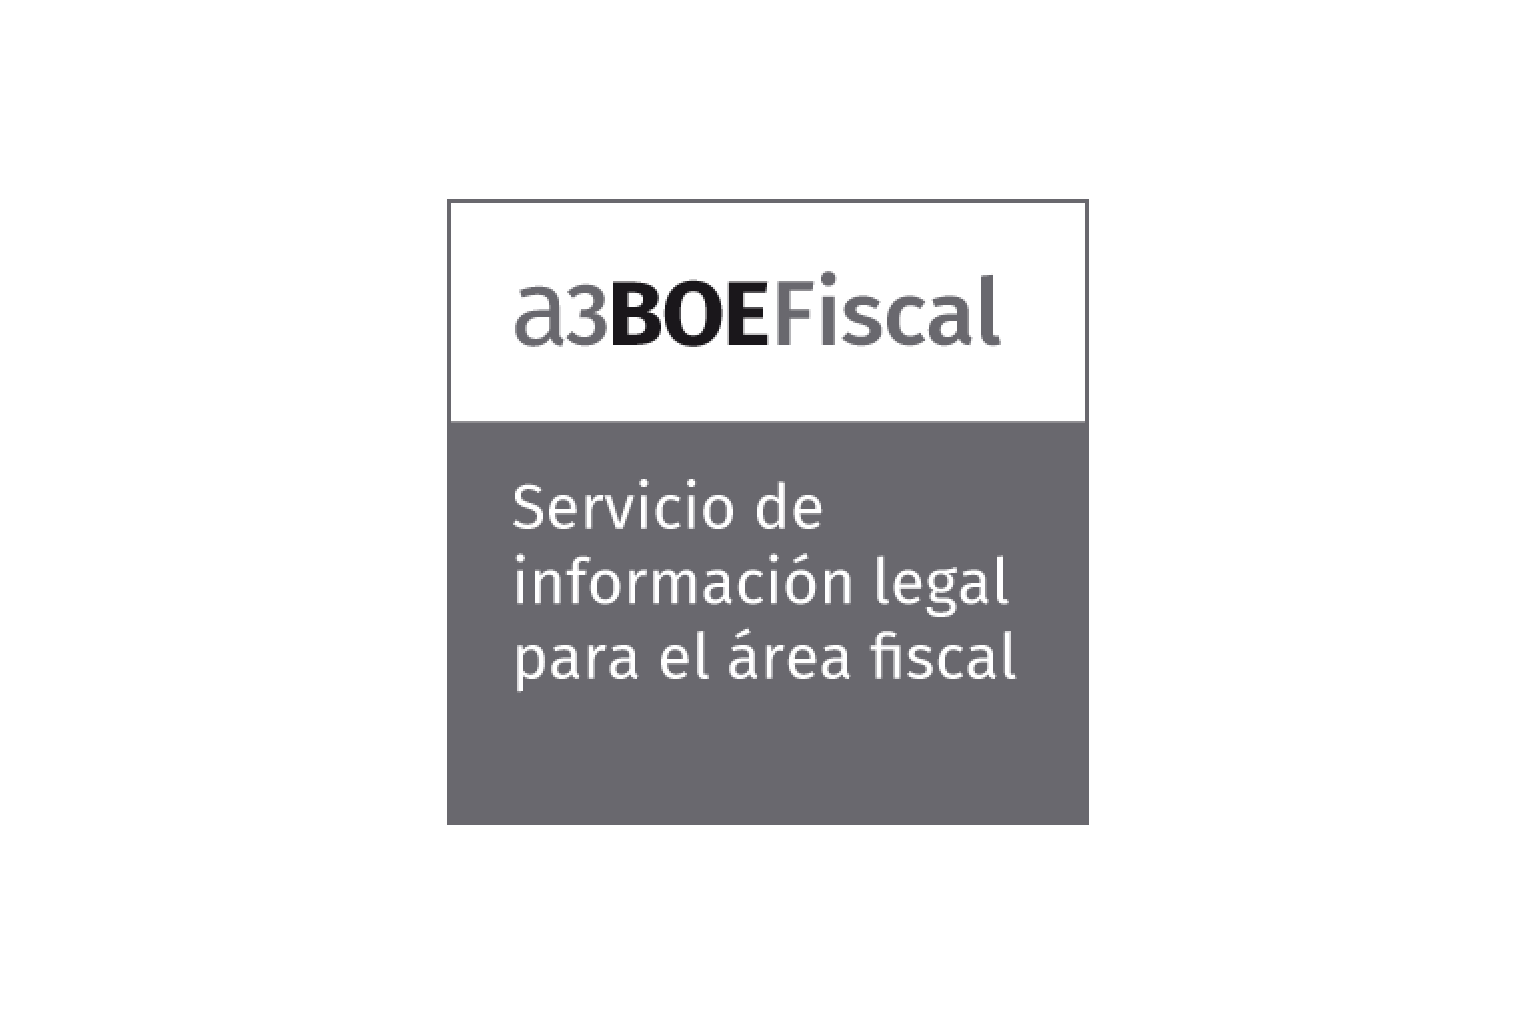 a3BOEFiscal